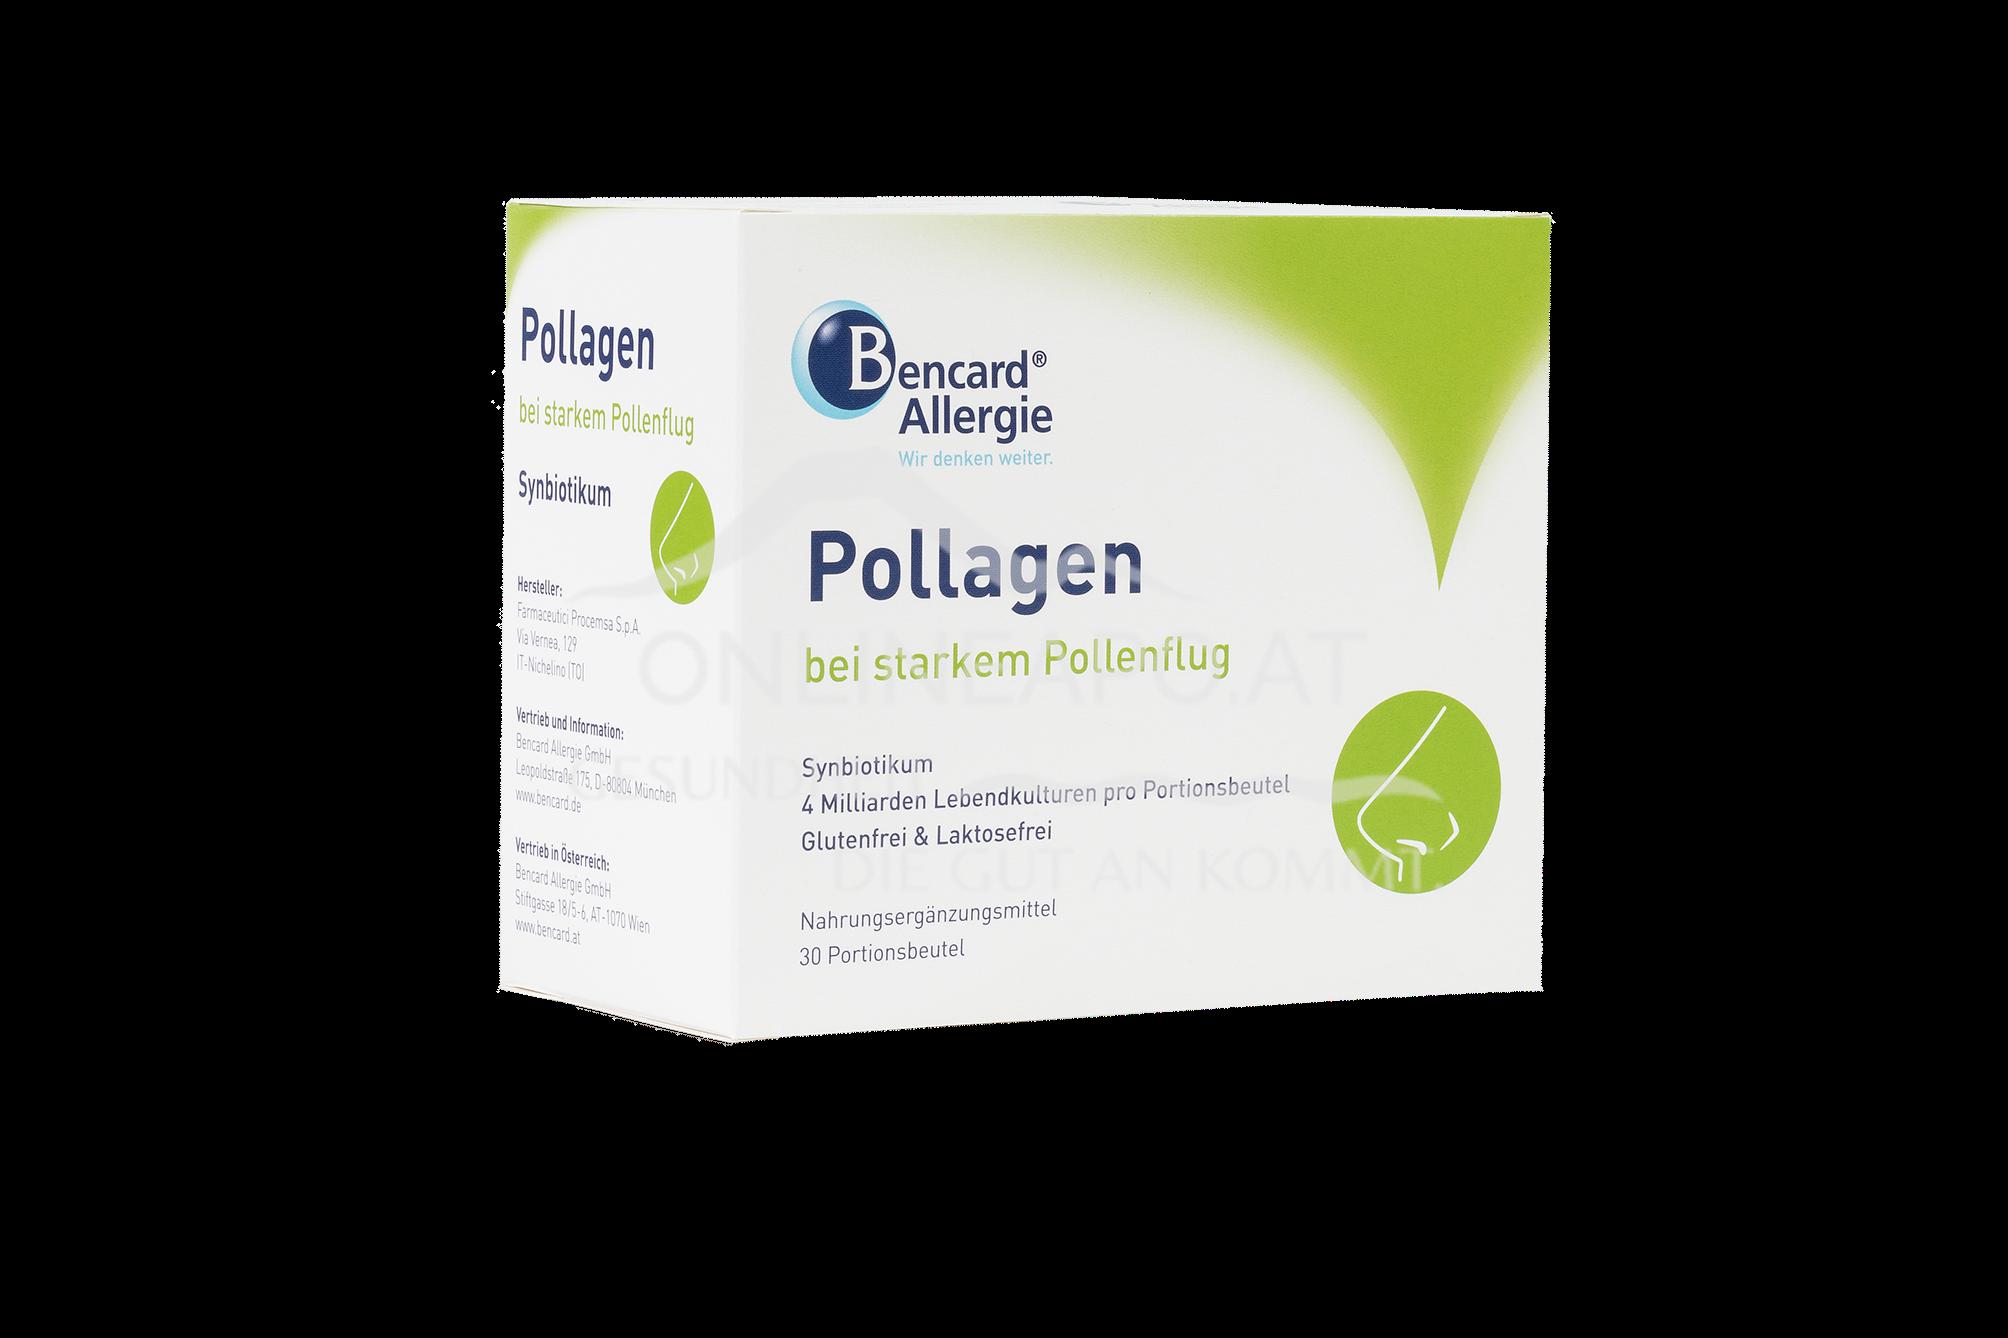 Pollagen